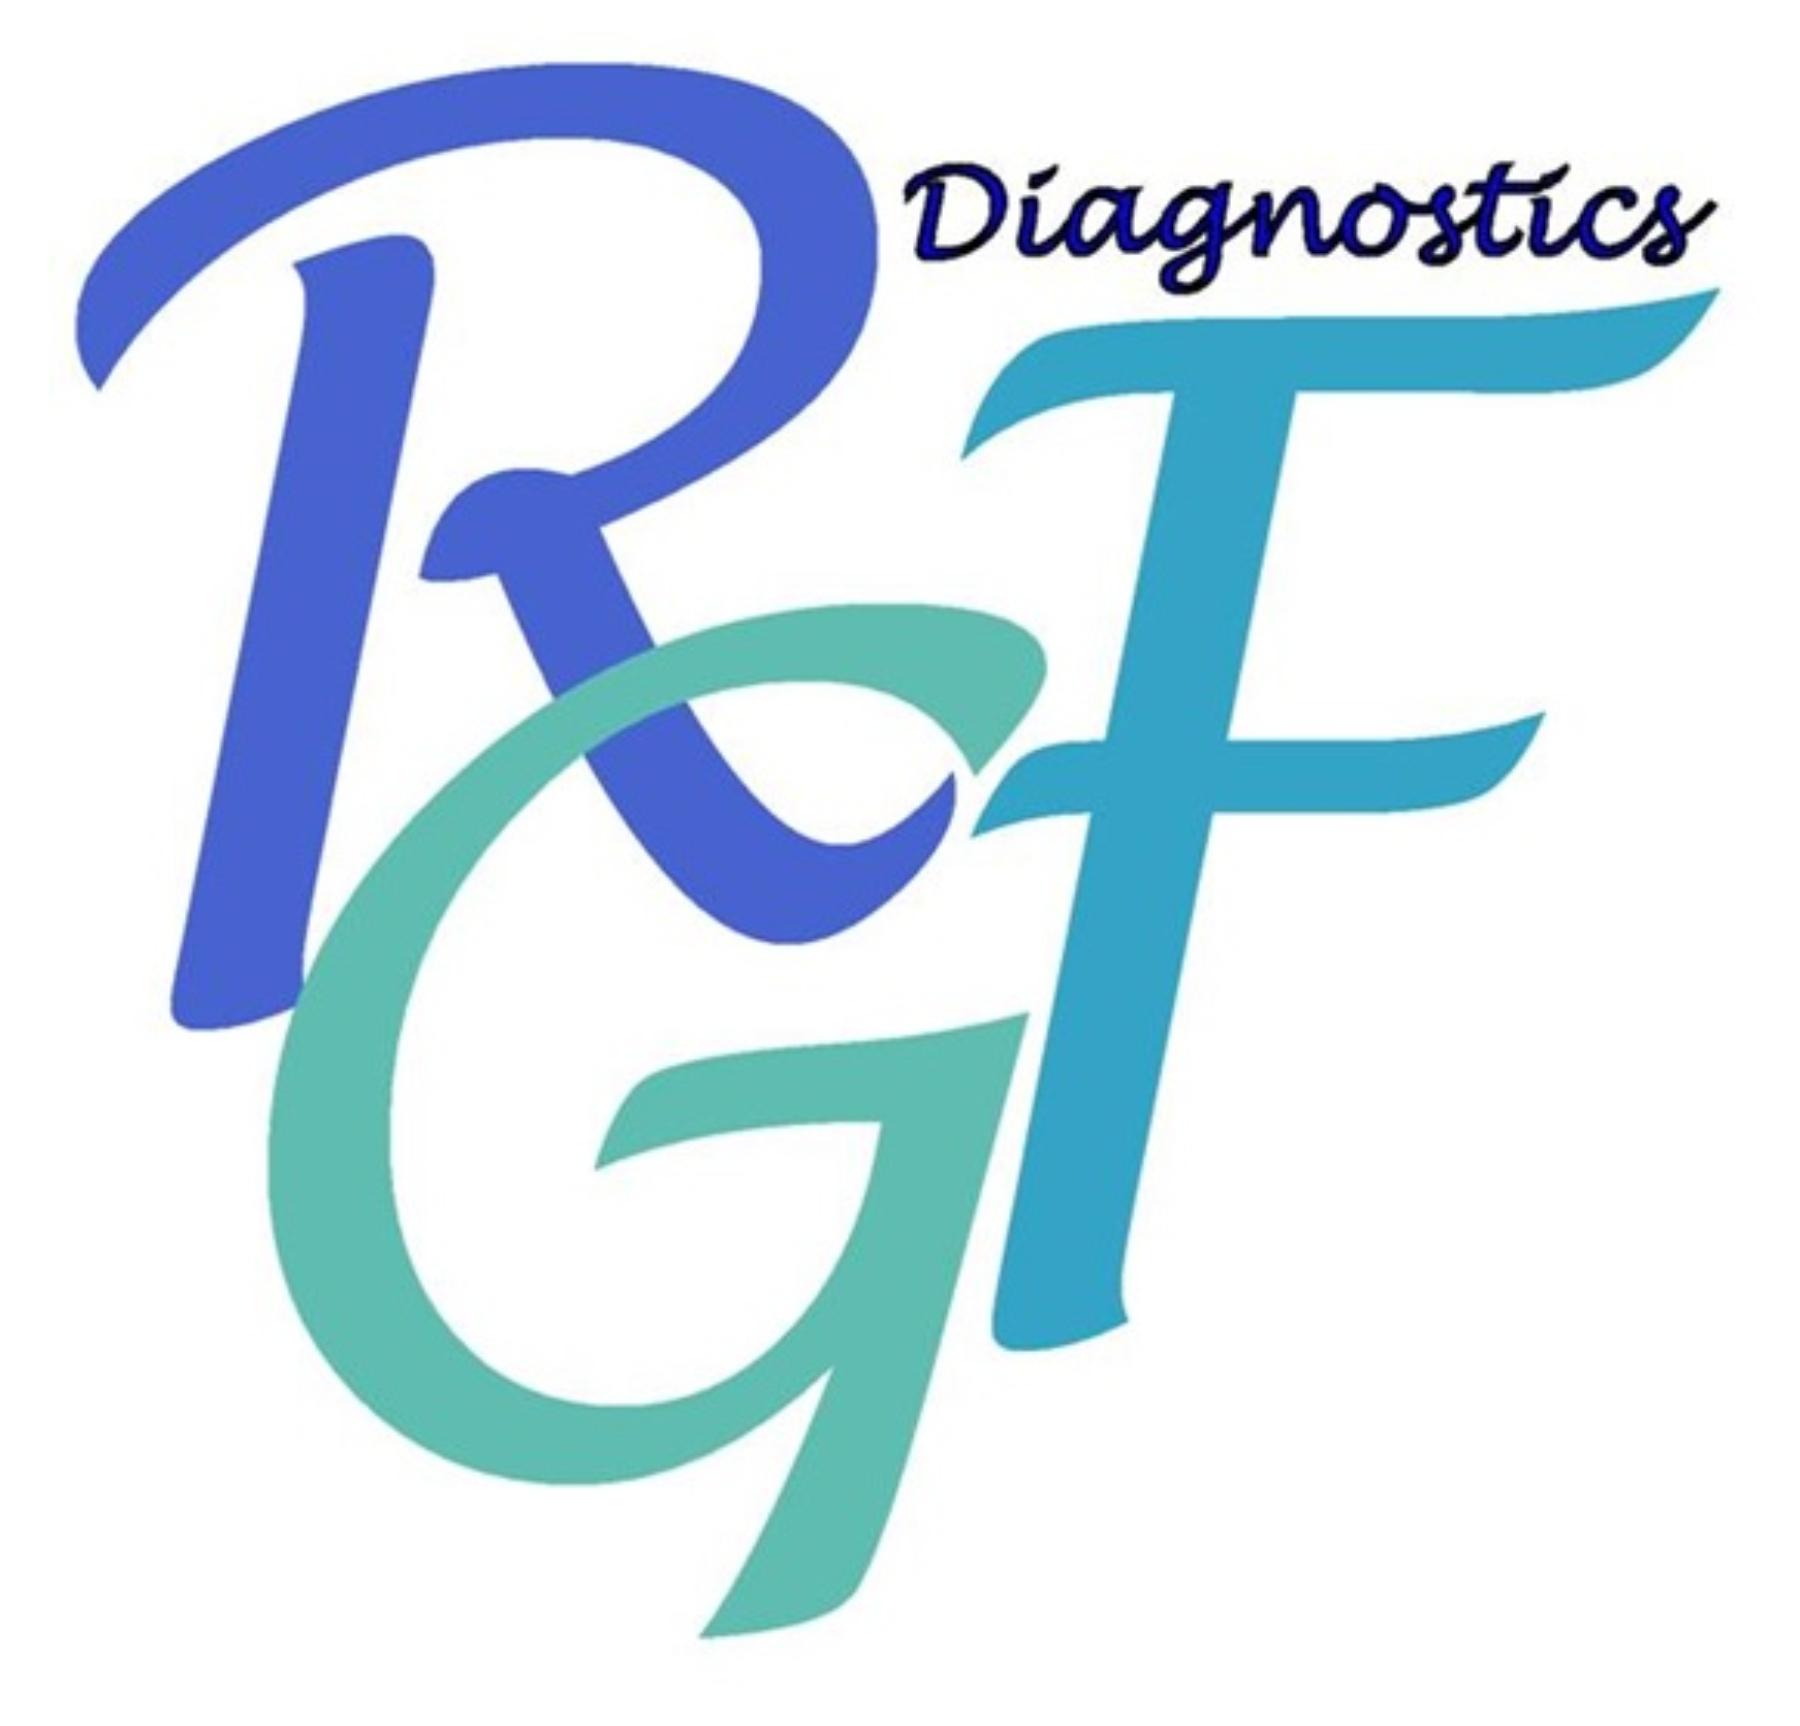 Connext Rgf Diagnostics